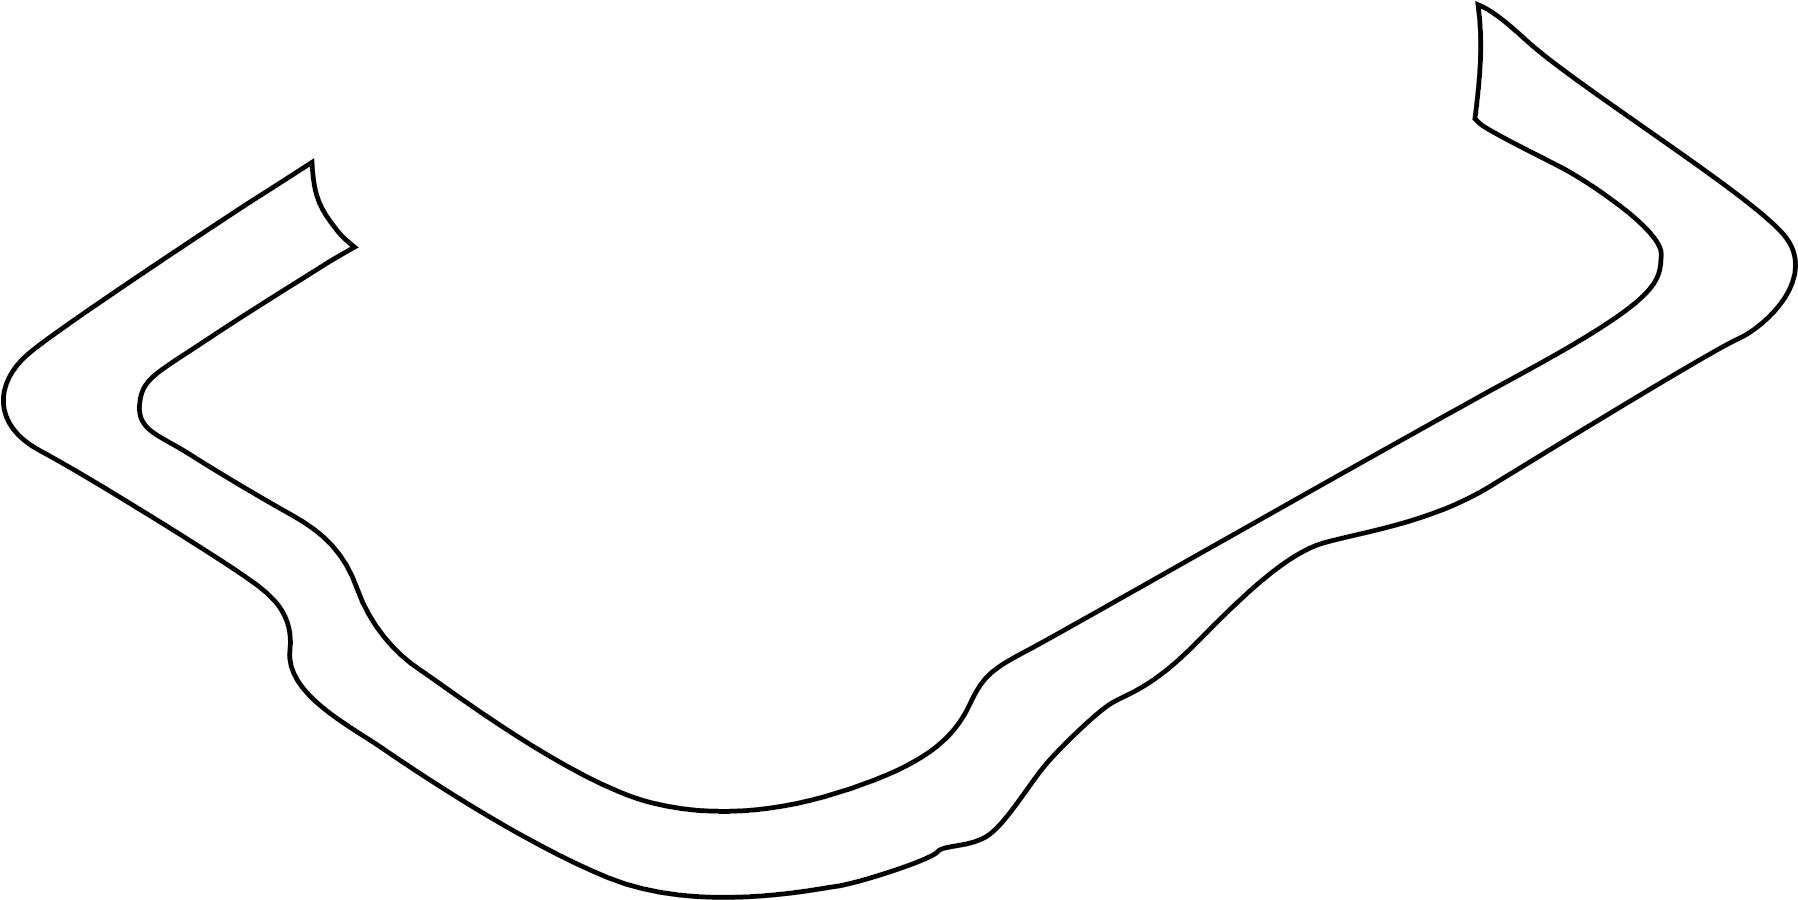 Bn9721512a